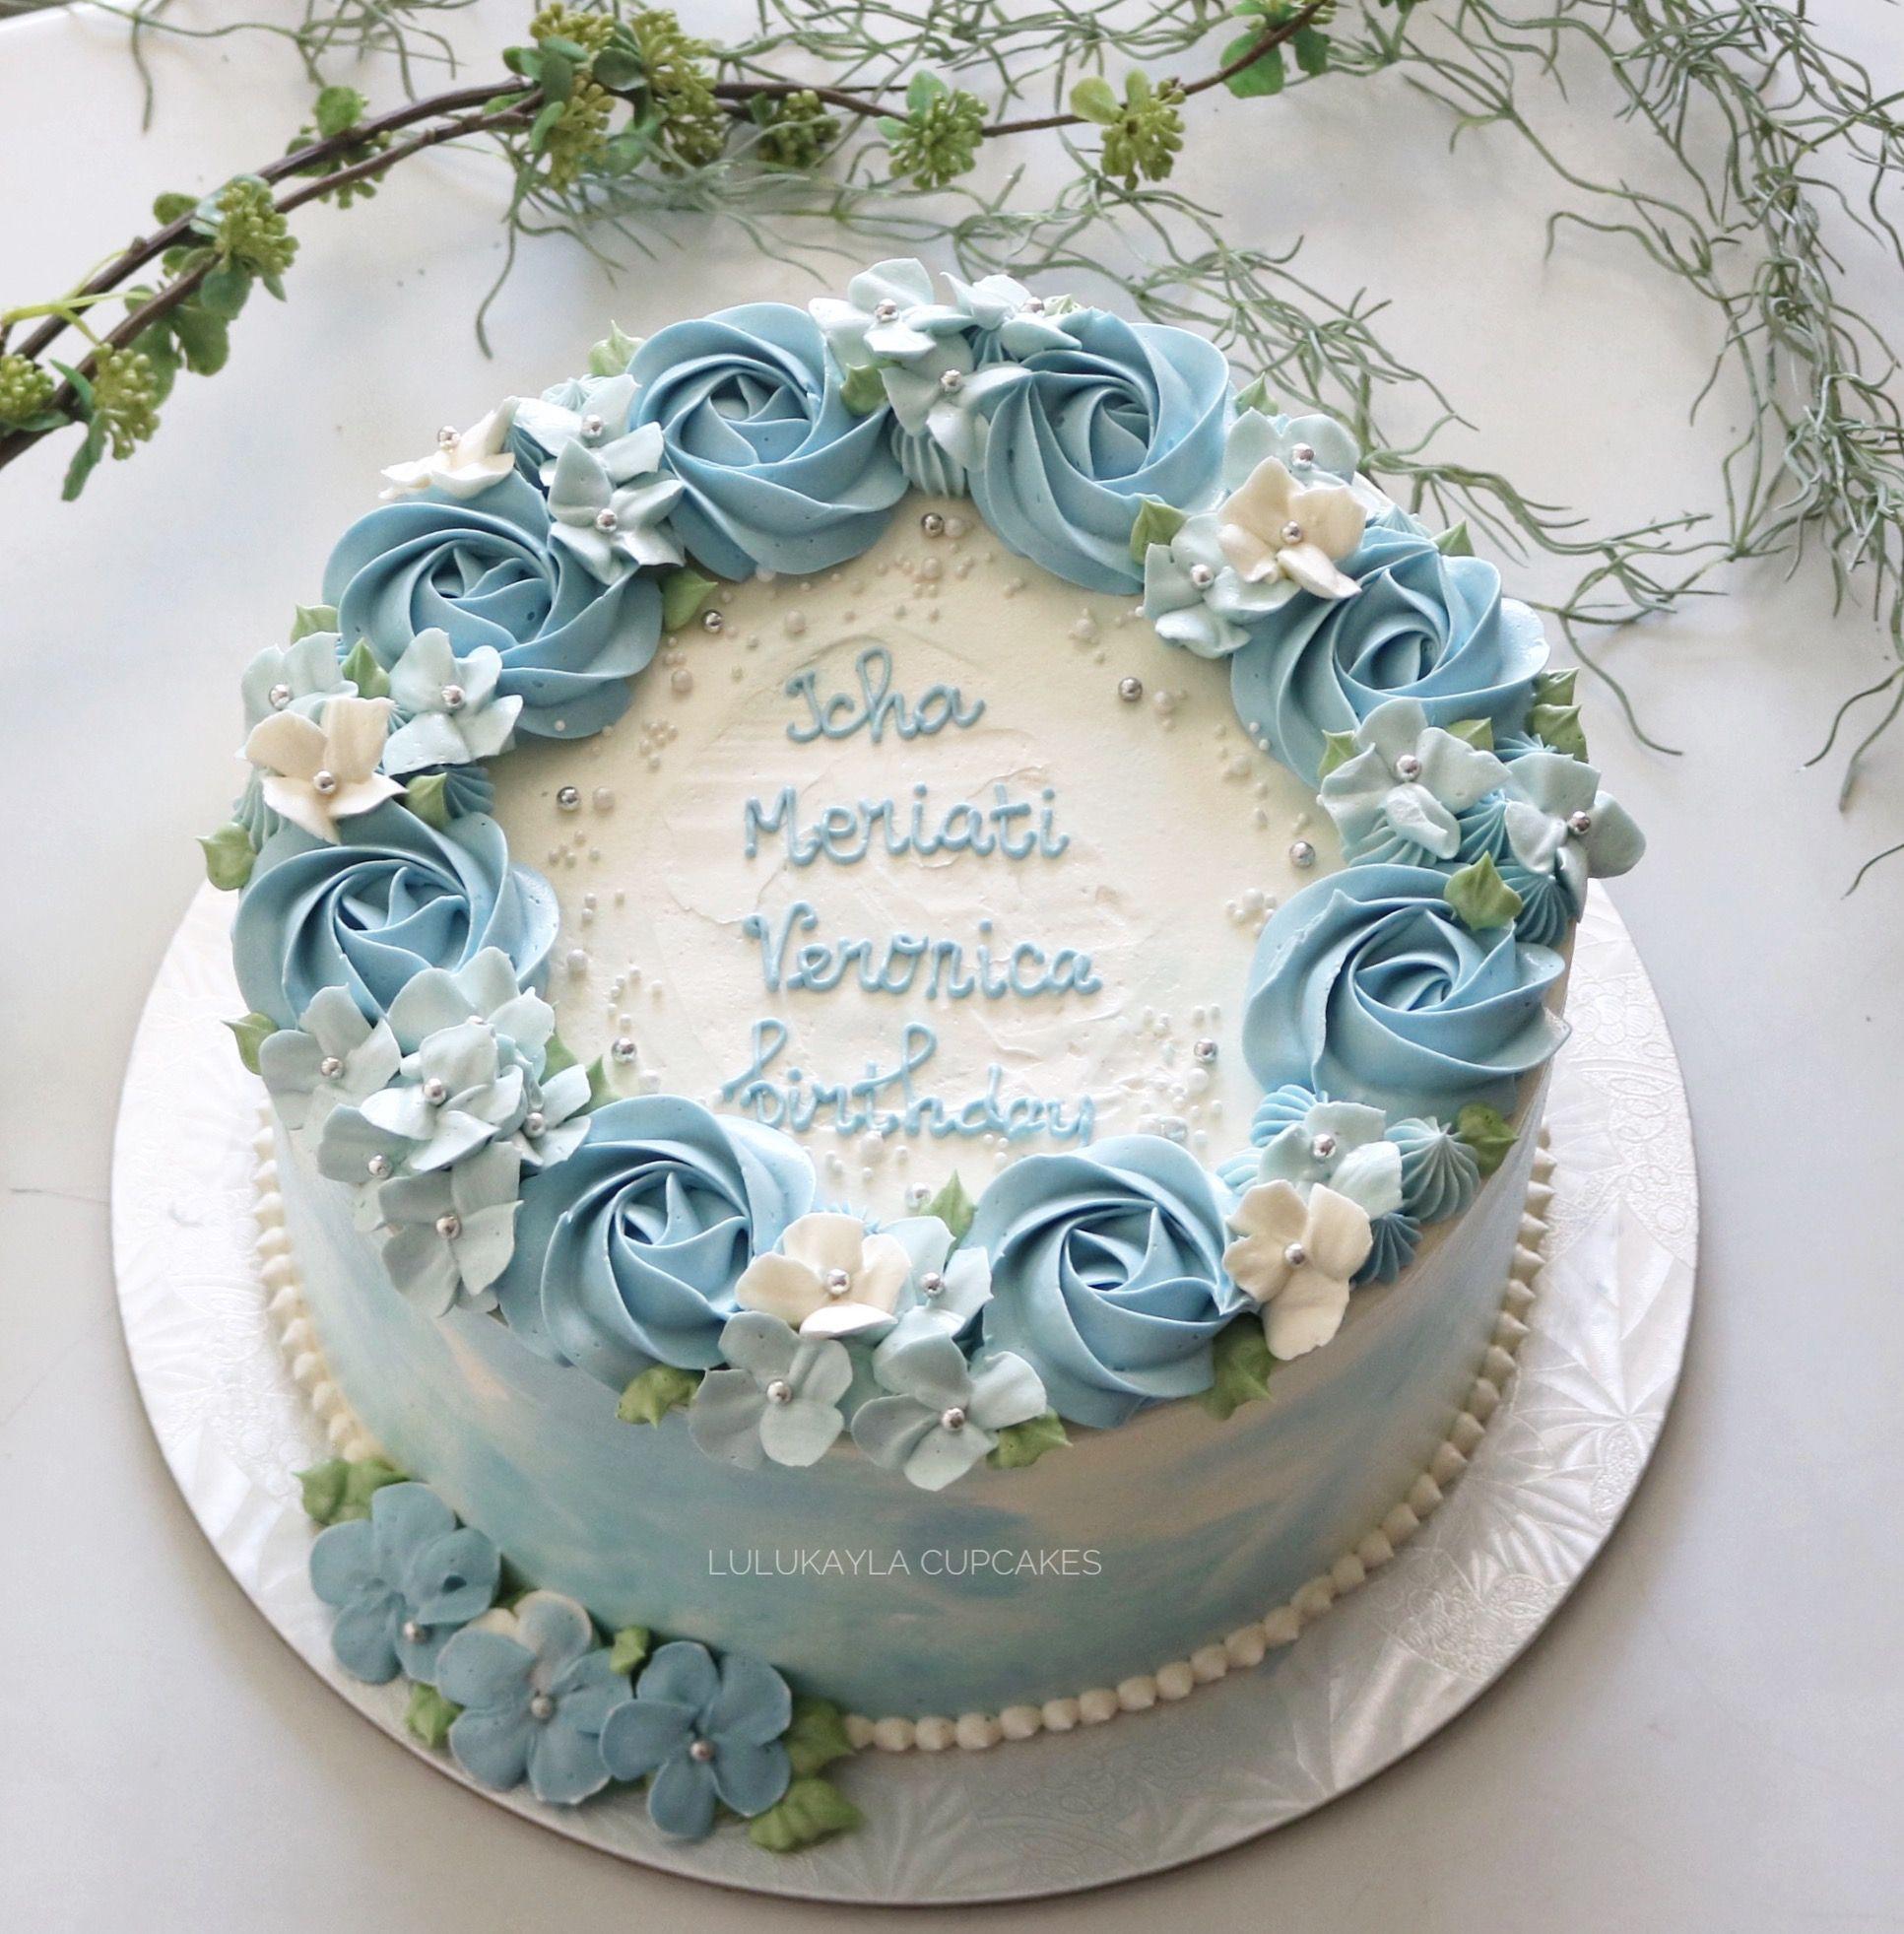 Blue Flower Cake Flower Cake Design Birthday Cake With Flowers Fresh Flower Cake